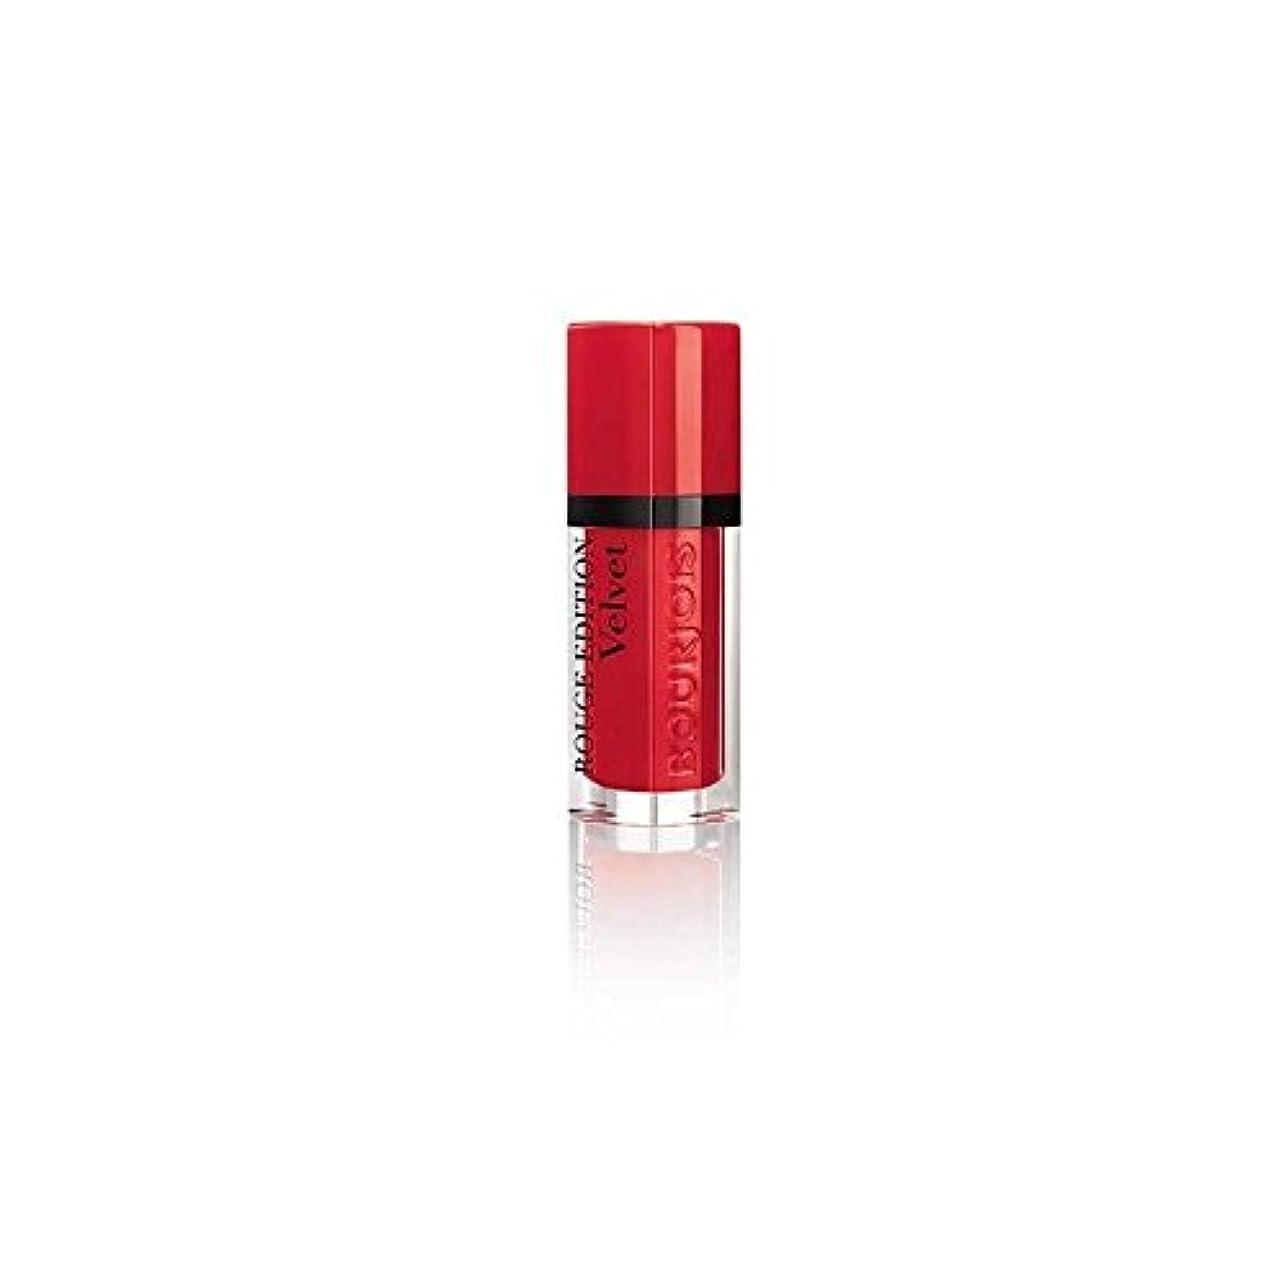 ますます露ピニオンブルジョワルージュ版のベルベットの口紅は、それはレディングの男性18です x2 - Bourjois Rouge Edition Velvet Lipstick It's Redding Men 18 (Pack of 2) [並行輸入品]